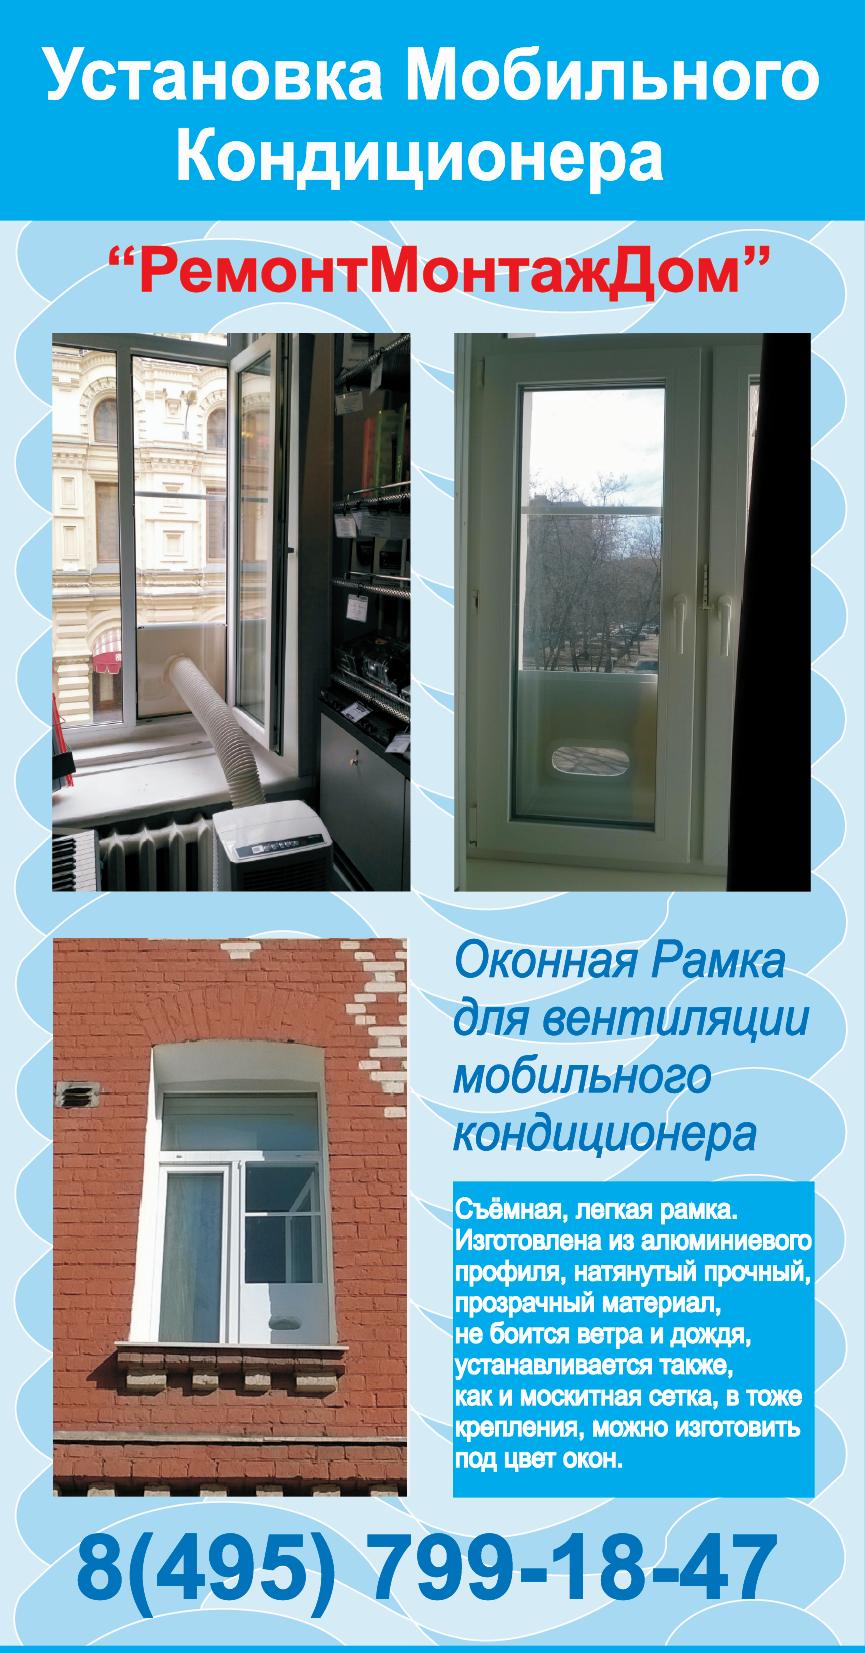 Установка мобильного кондиционера в пластиковое окно